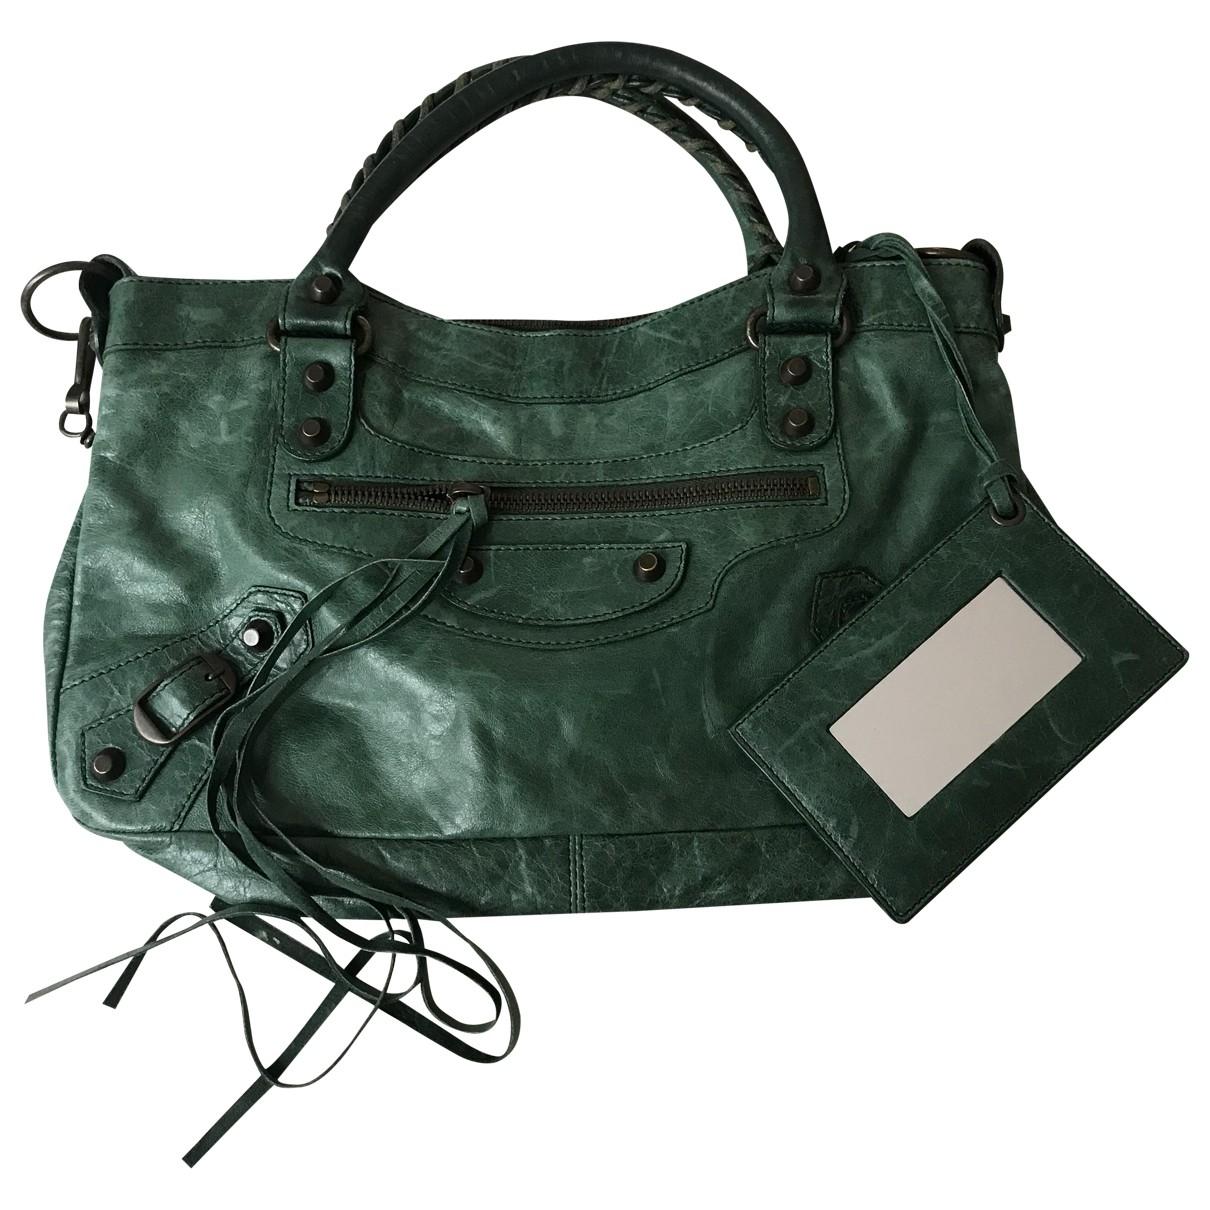 Balenciaga - Sac a main   pour femme en cuir - vert